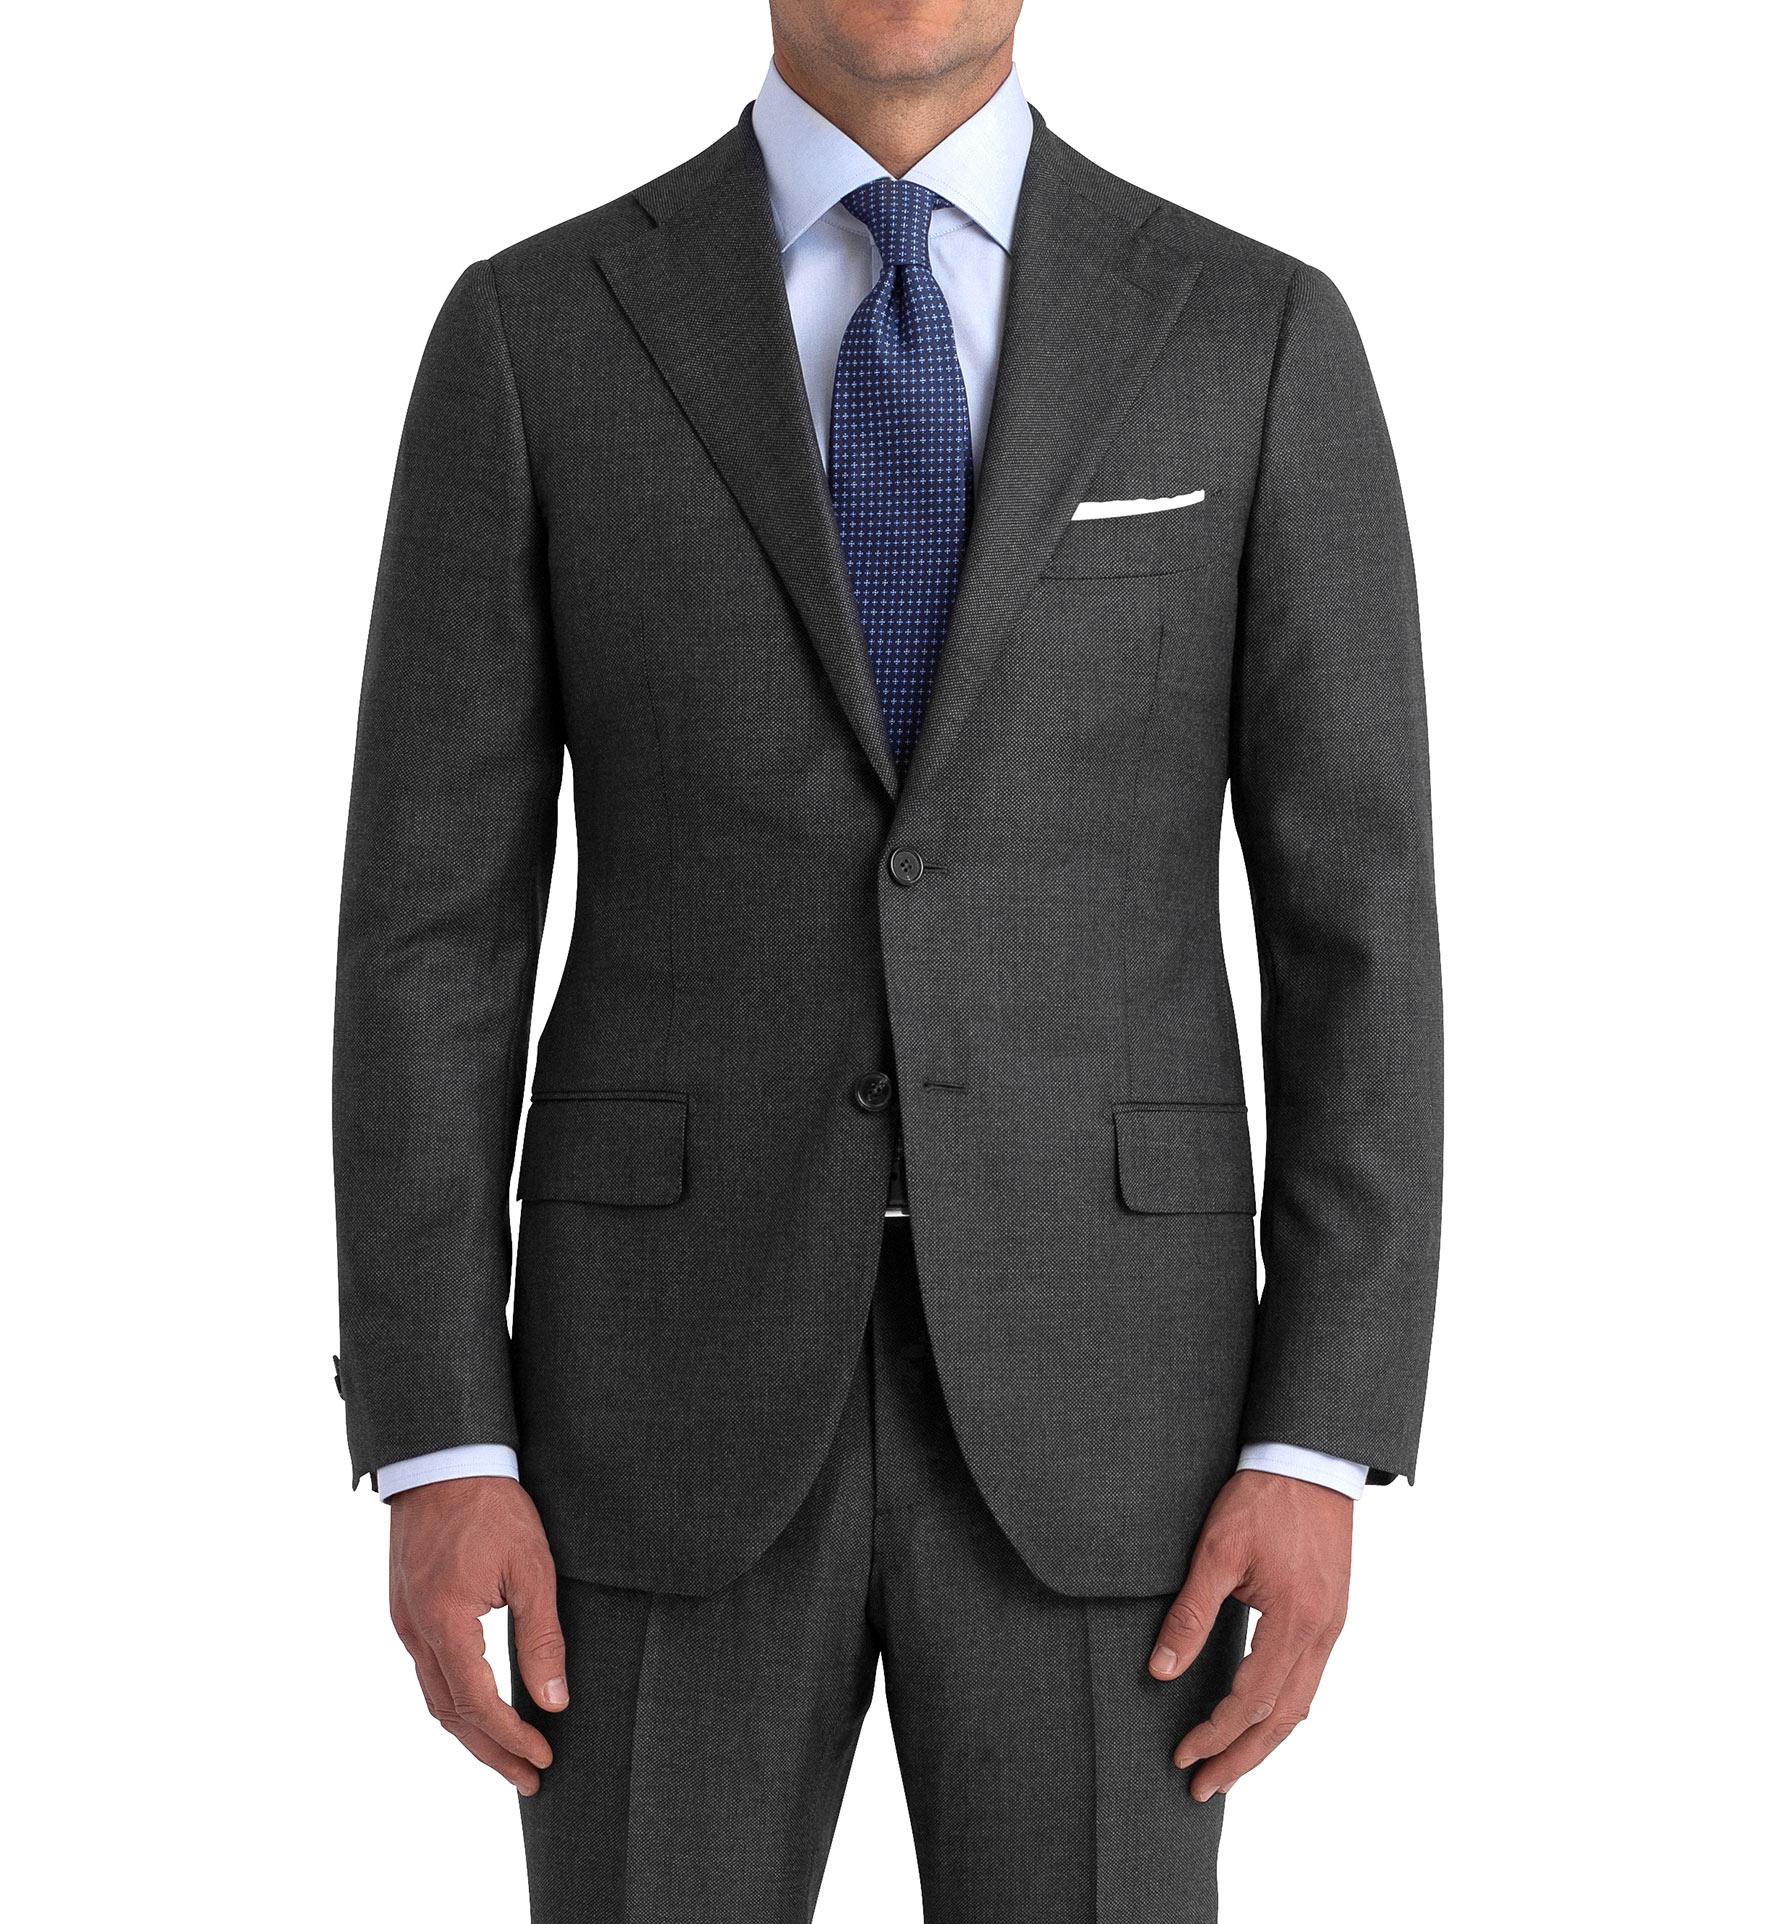 Zoom Image of Allen Grey S110s Nailhead Suit Jacket